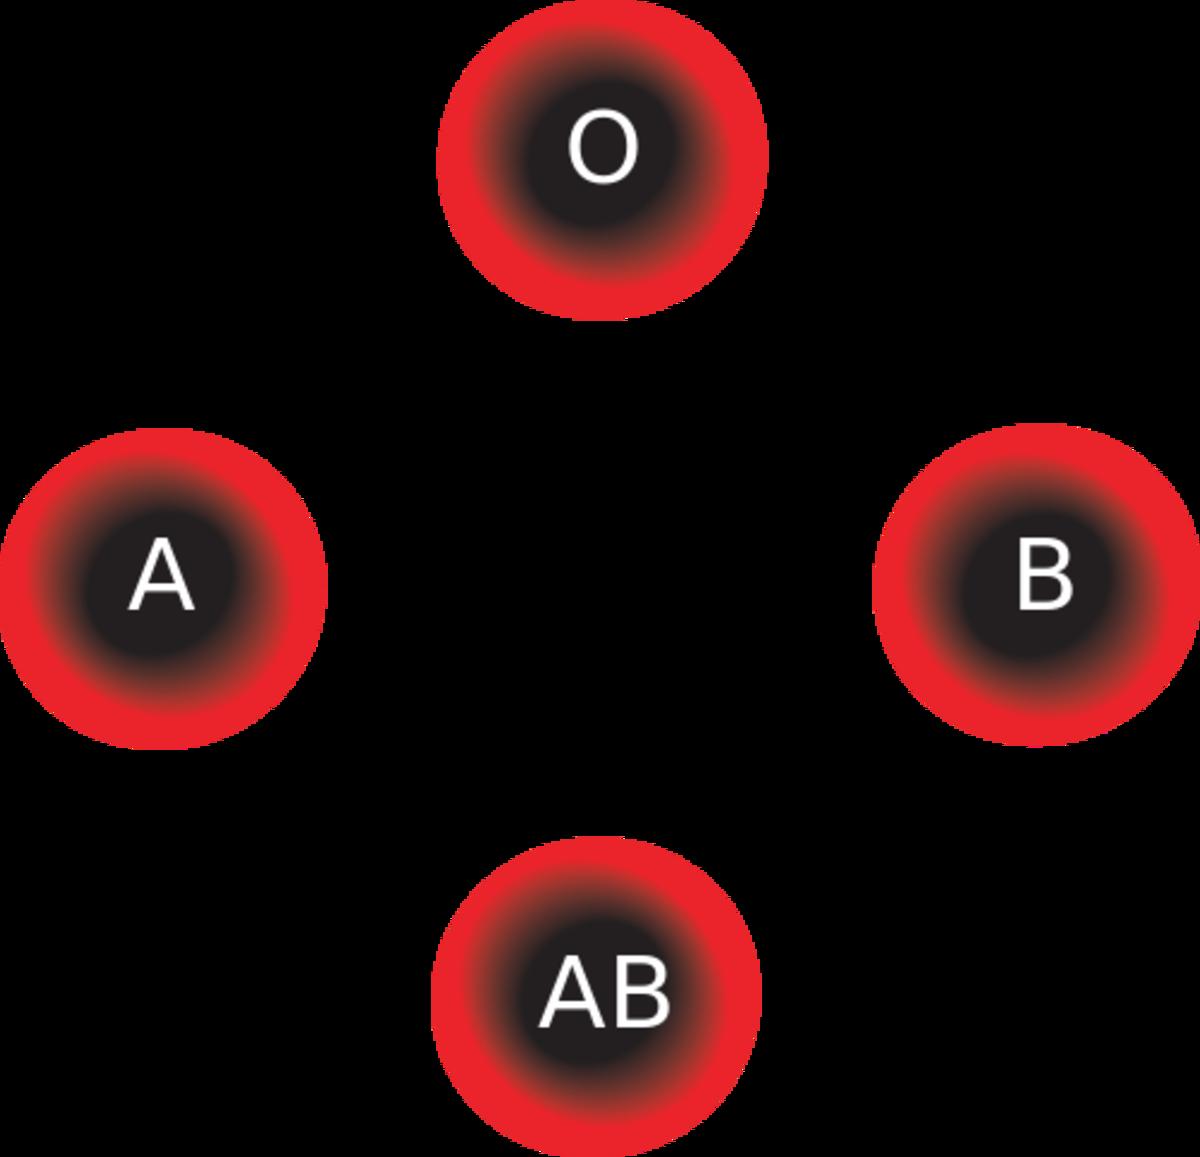 Blood types.